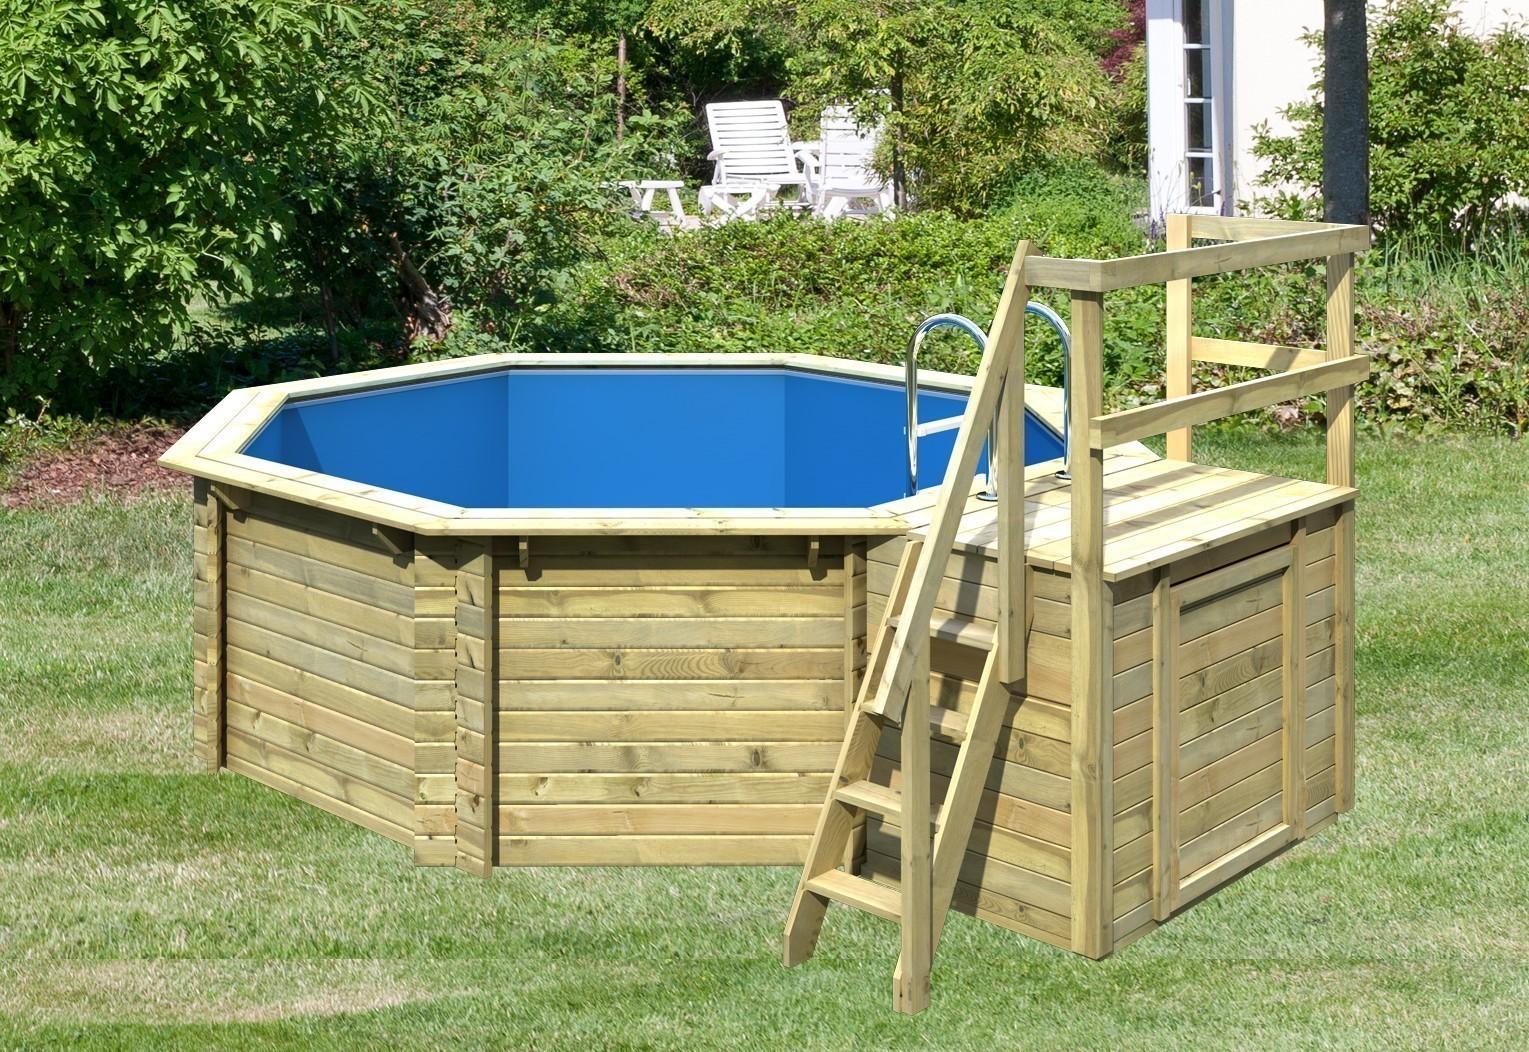 Karibu Pool Classic Modell 1 Variante B kdi 400x480cm Bild 1